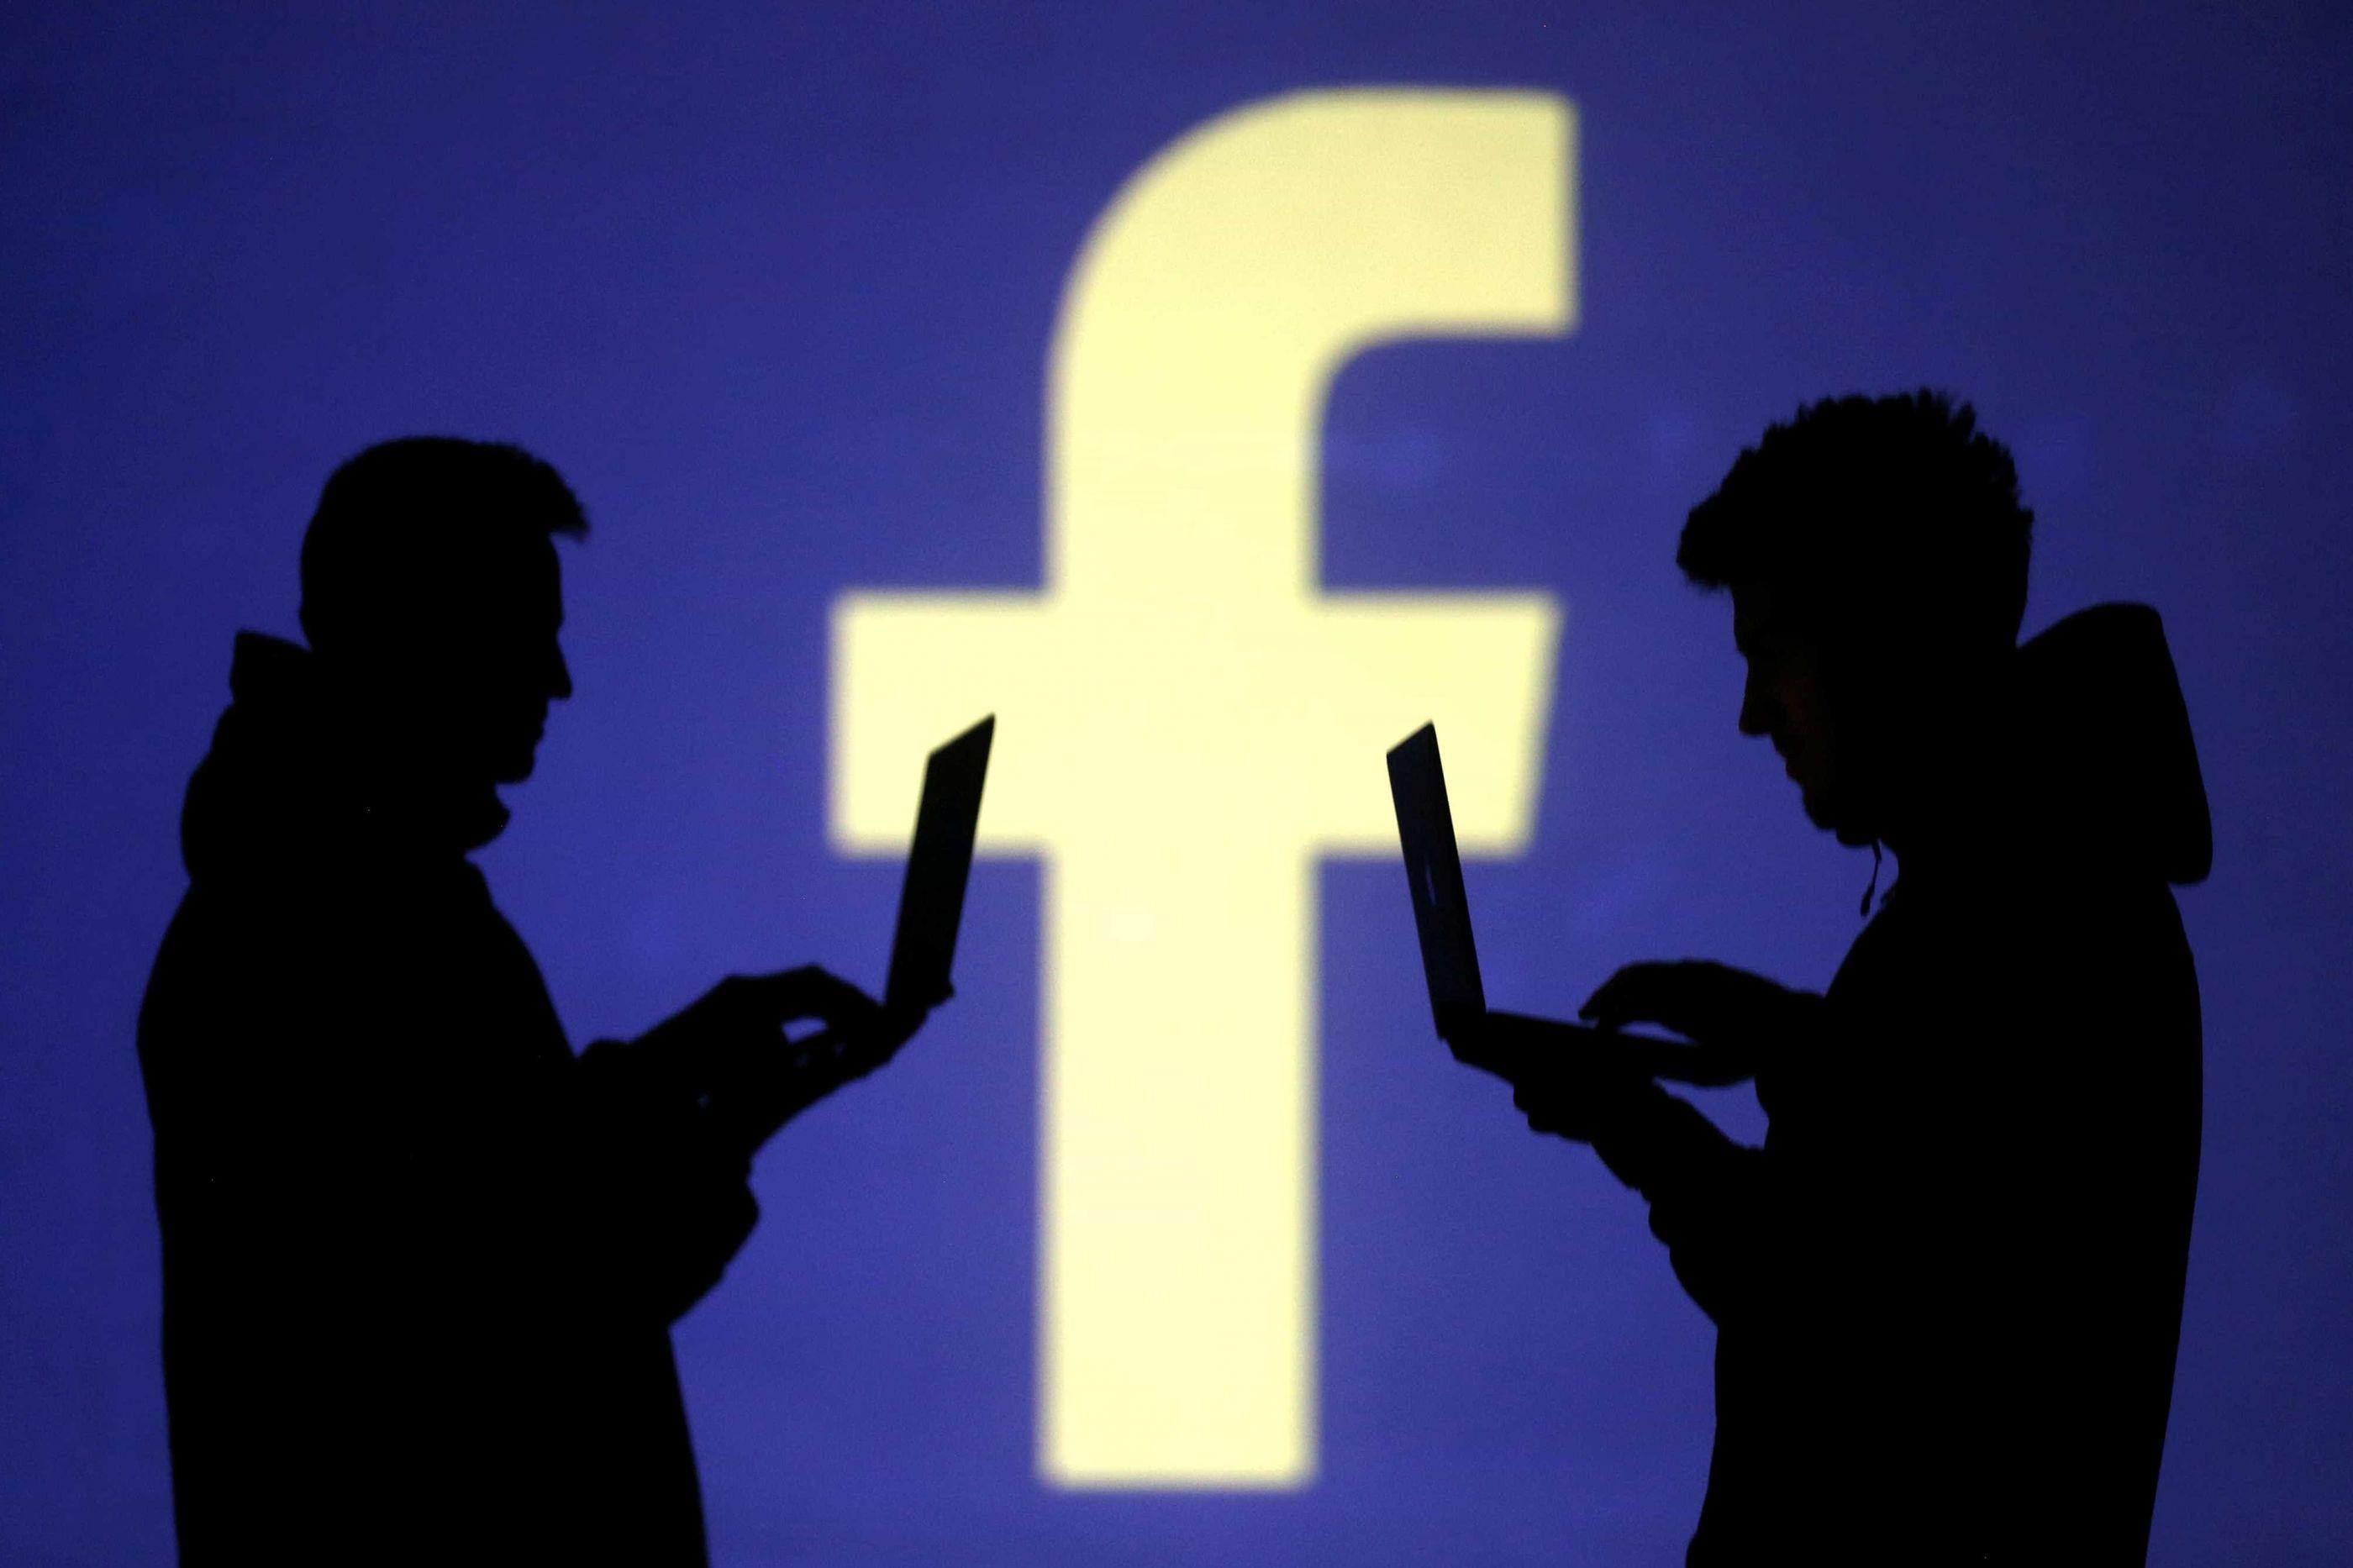 Hackers tiveram acesso às contas de 30 milhões de pessoas, diz Facebook